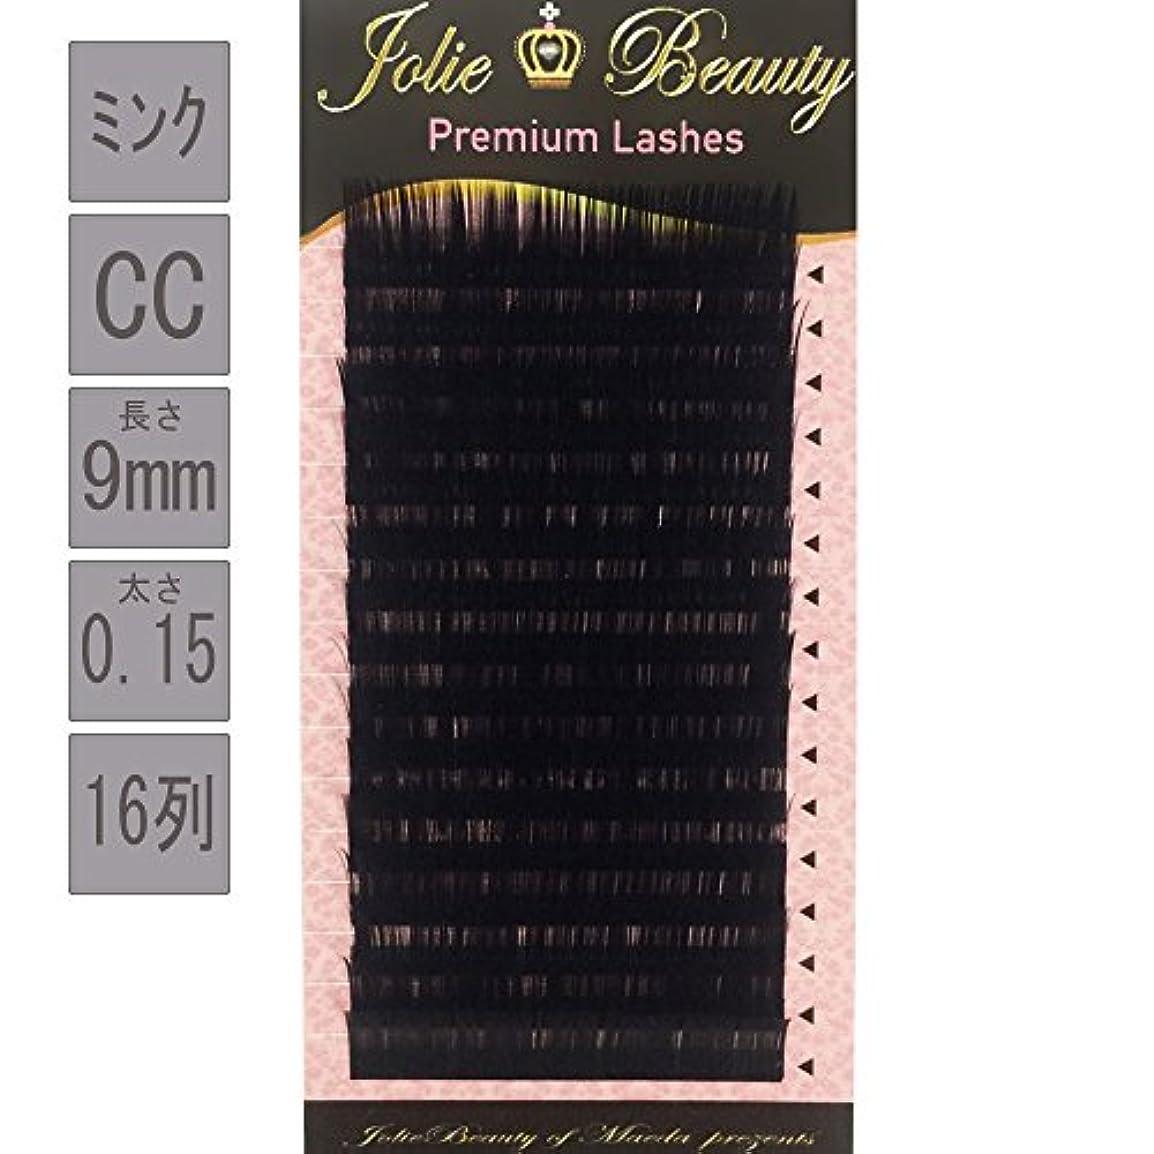 舗装する援助するモニターまつ毛 エクステ 長さ 9mm ( 9ミリ ) 太さ 0.10 0.15 0.18 0.20 0.25 MINK ( ミンク ) 原産国 韓国 (0.15, CC)